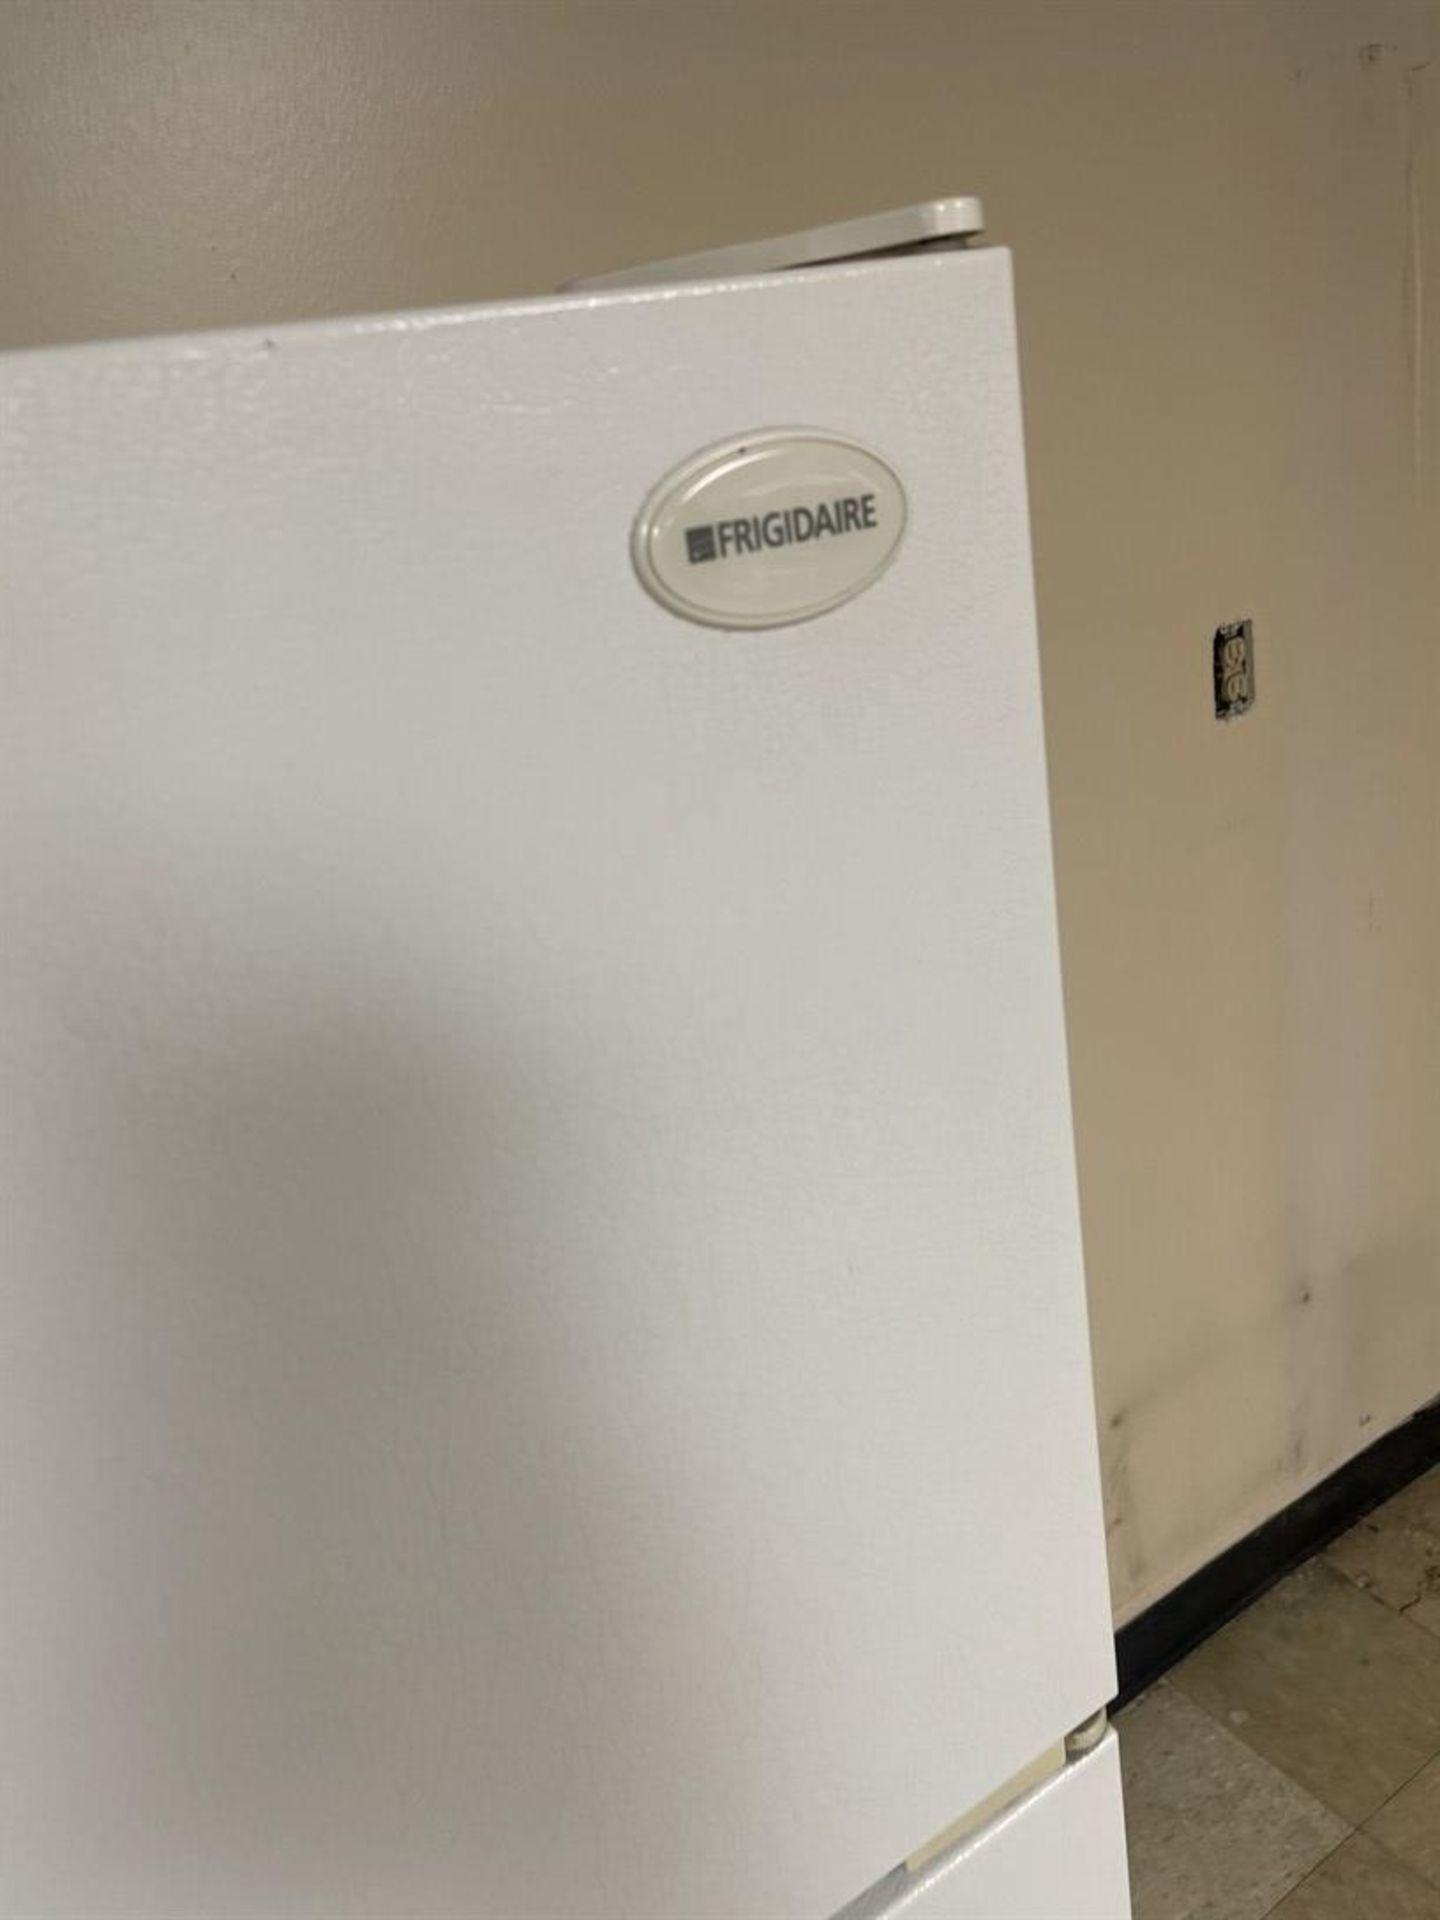 FRIGIDAIRE Refrigerator/Freezer - Image 2 of 3